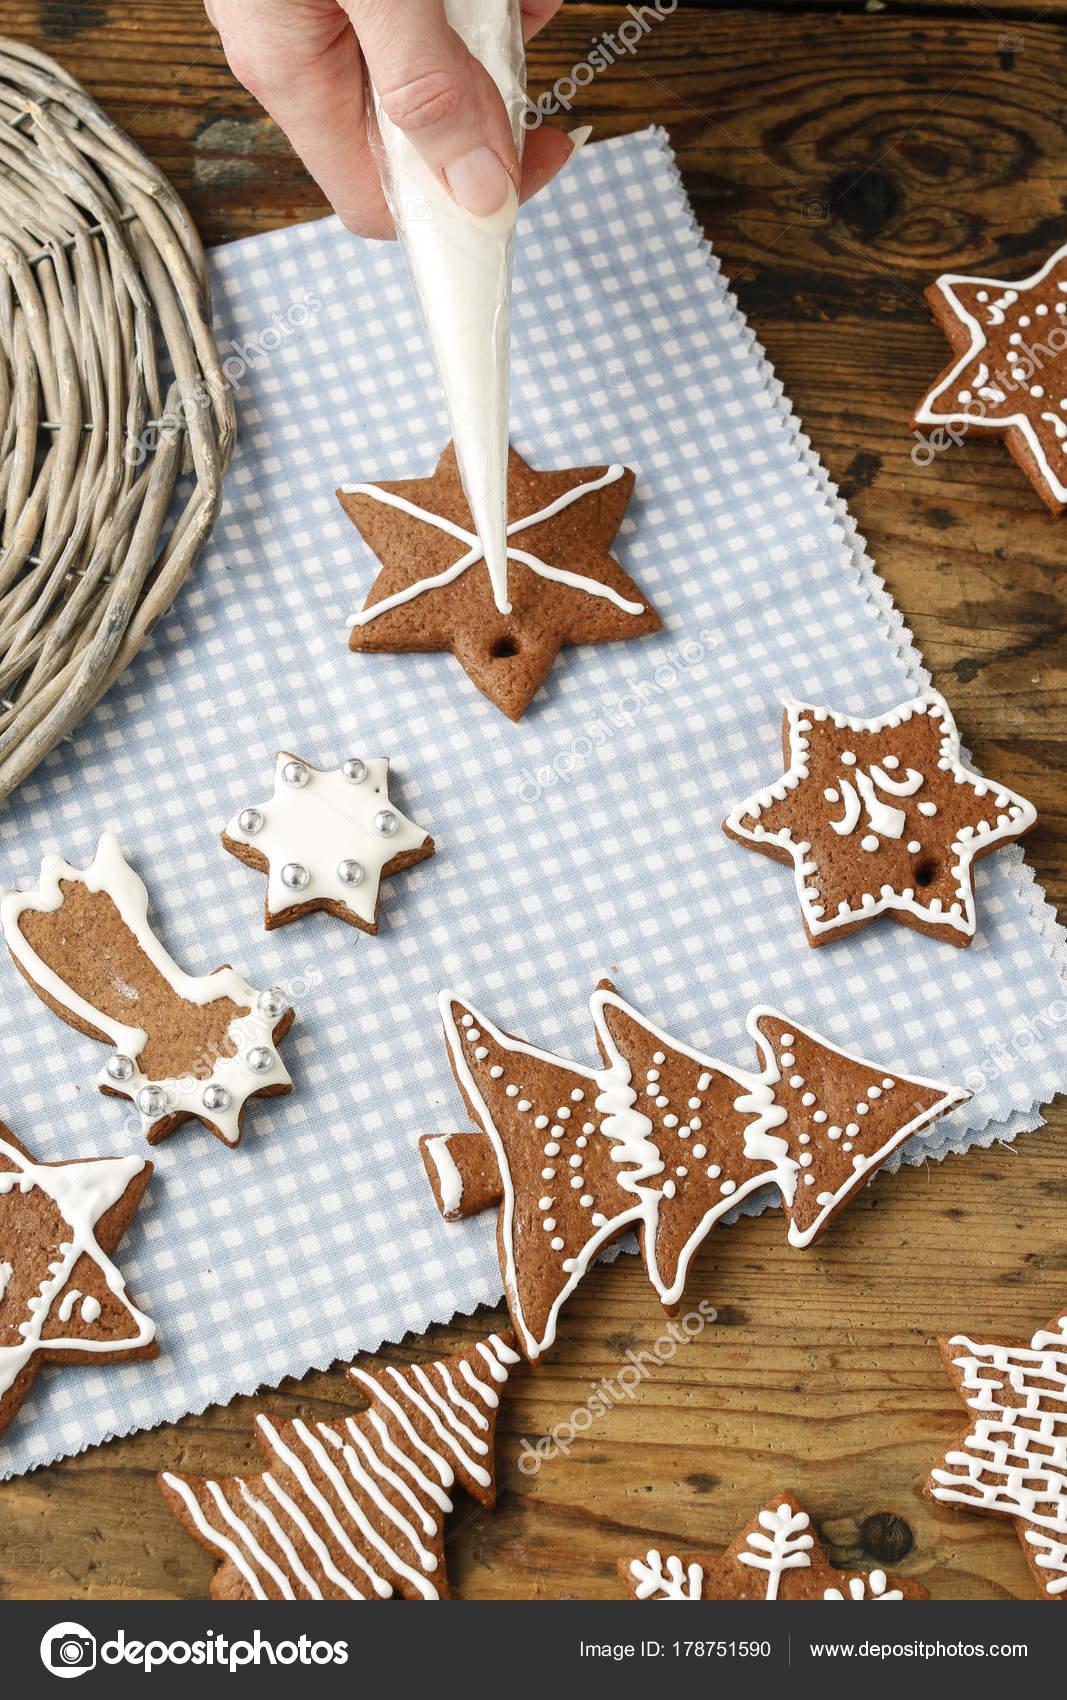 Plätzchen Verzieren Weihnachten.Lebkuchen Cookies Dekorieren Zu Weihnachten Stockfoto